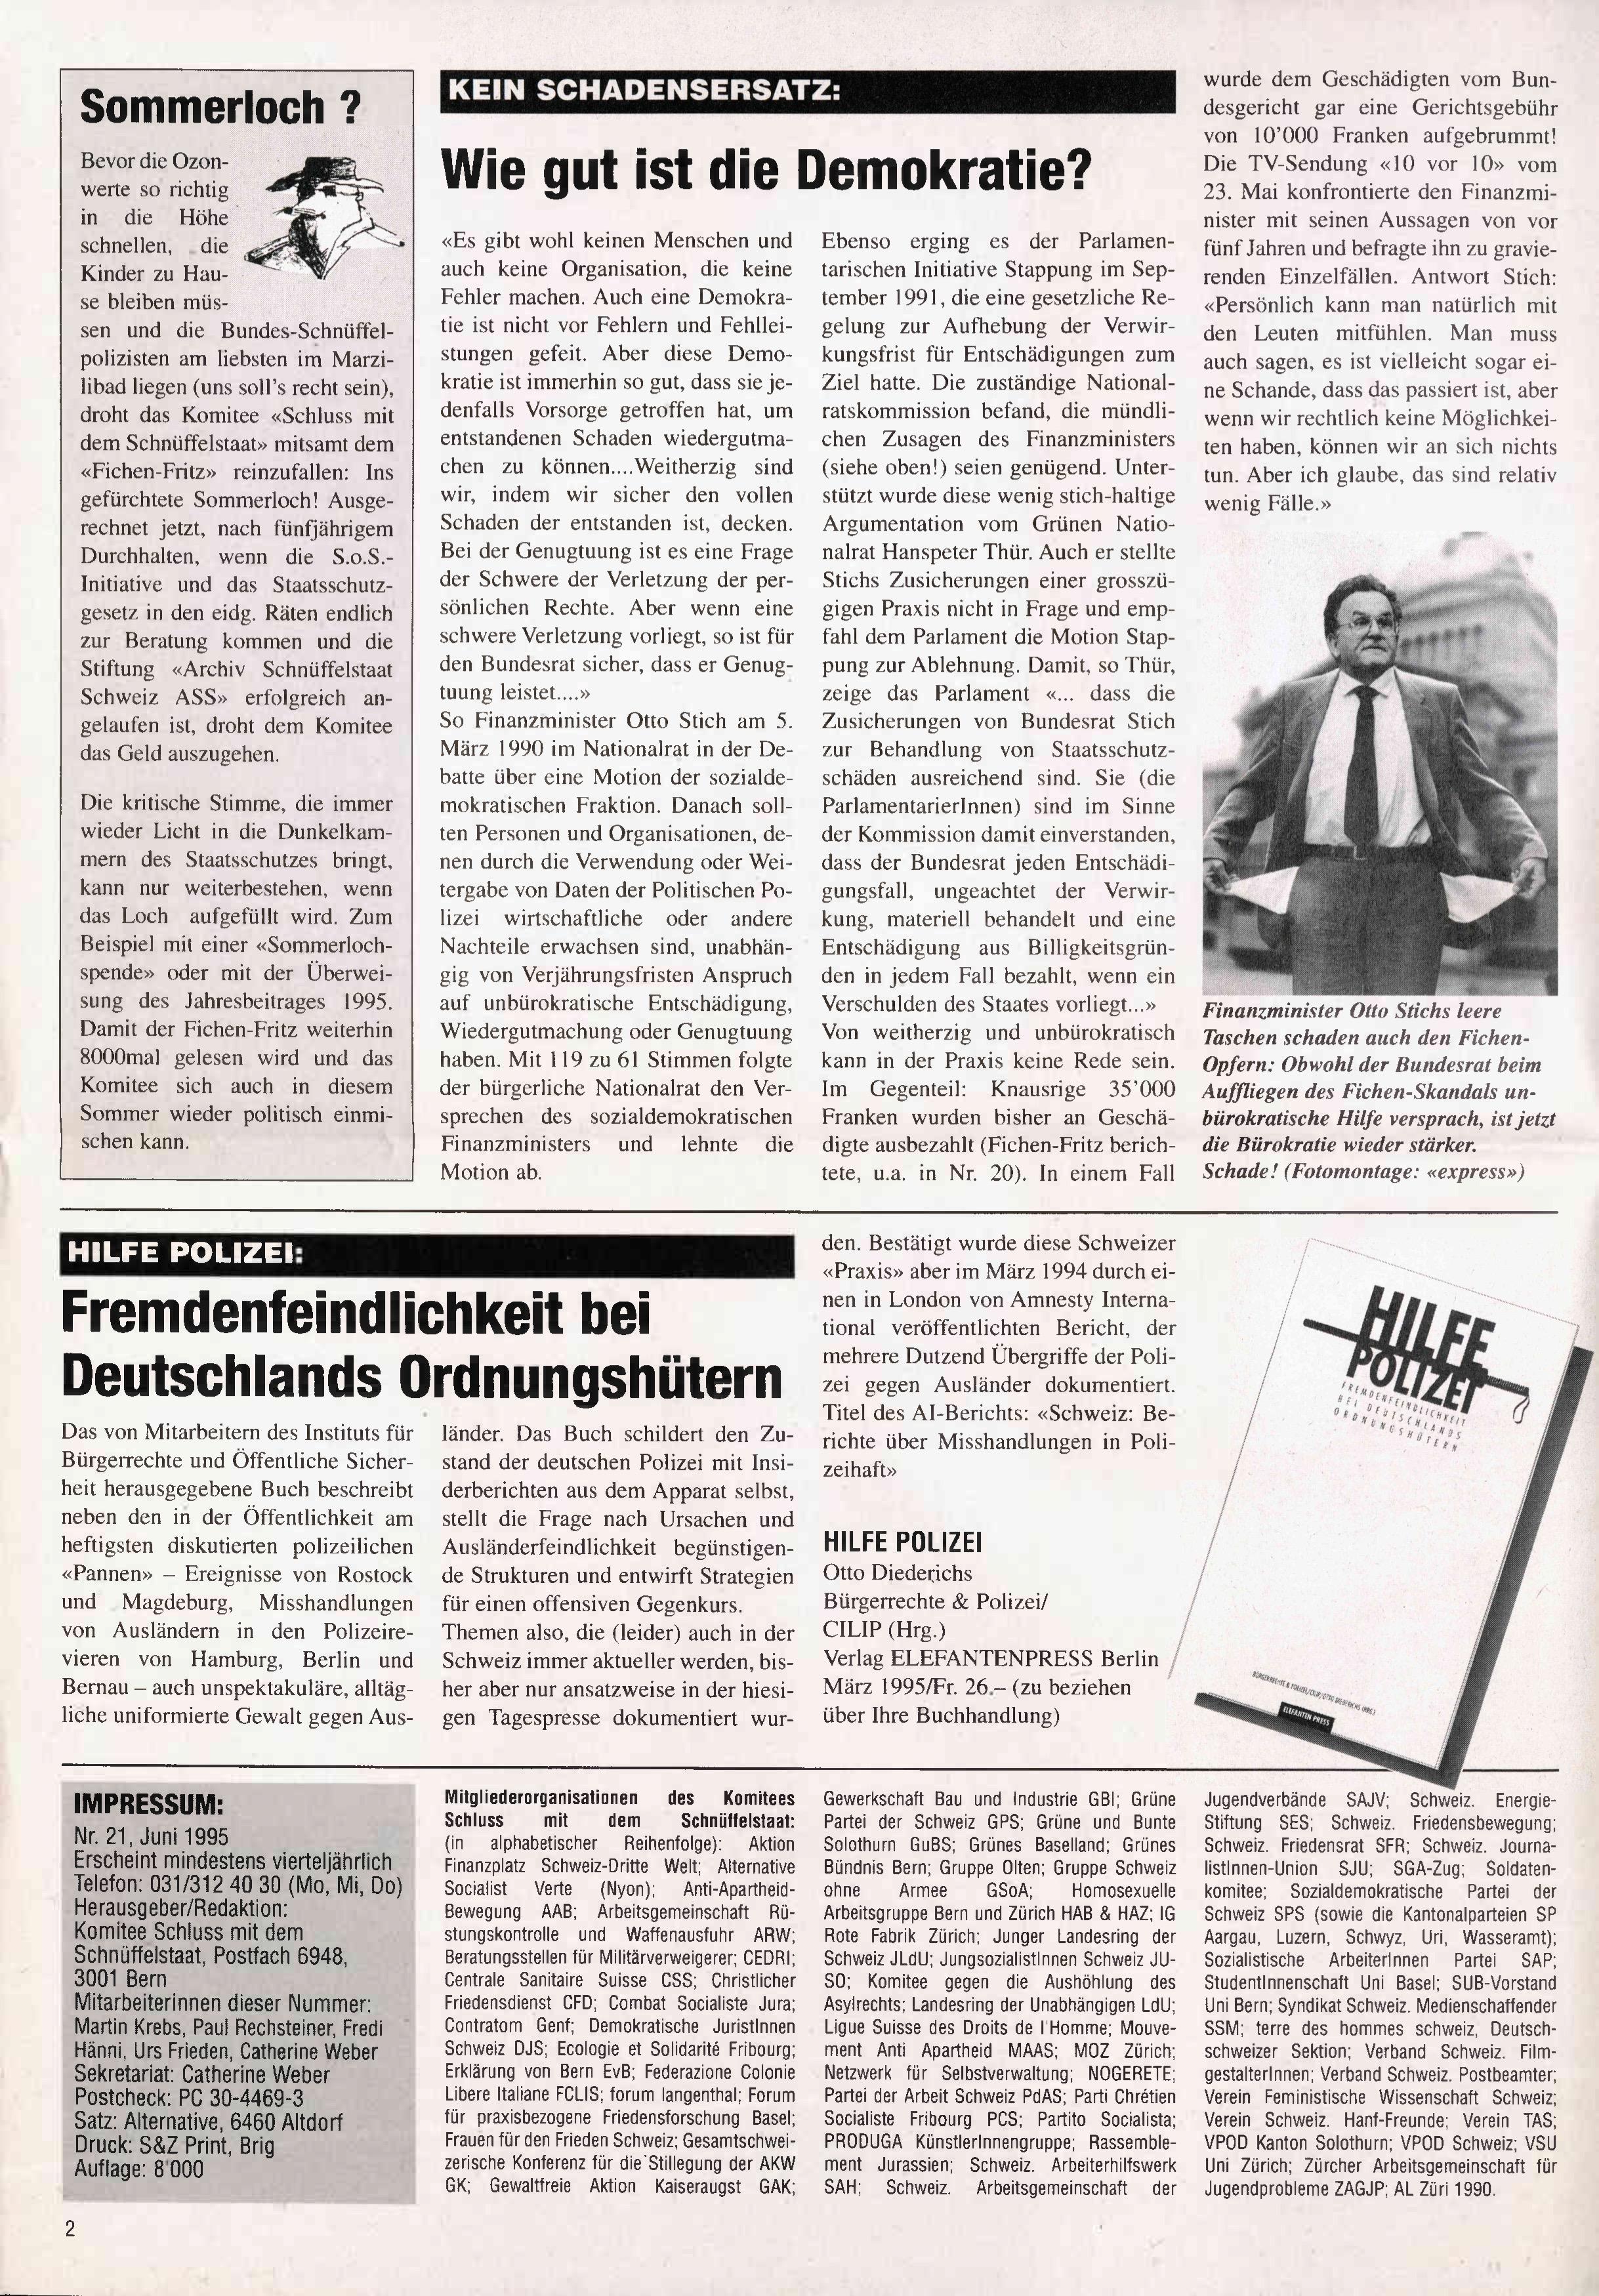 F1ICHEN FRITZ NR. 21 - SEITE 2